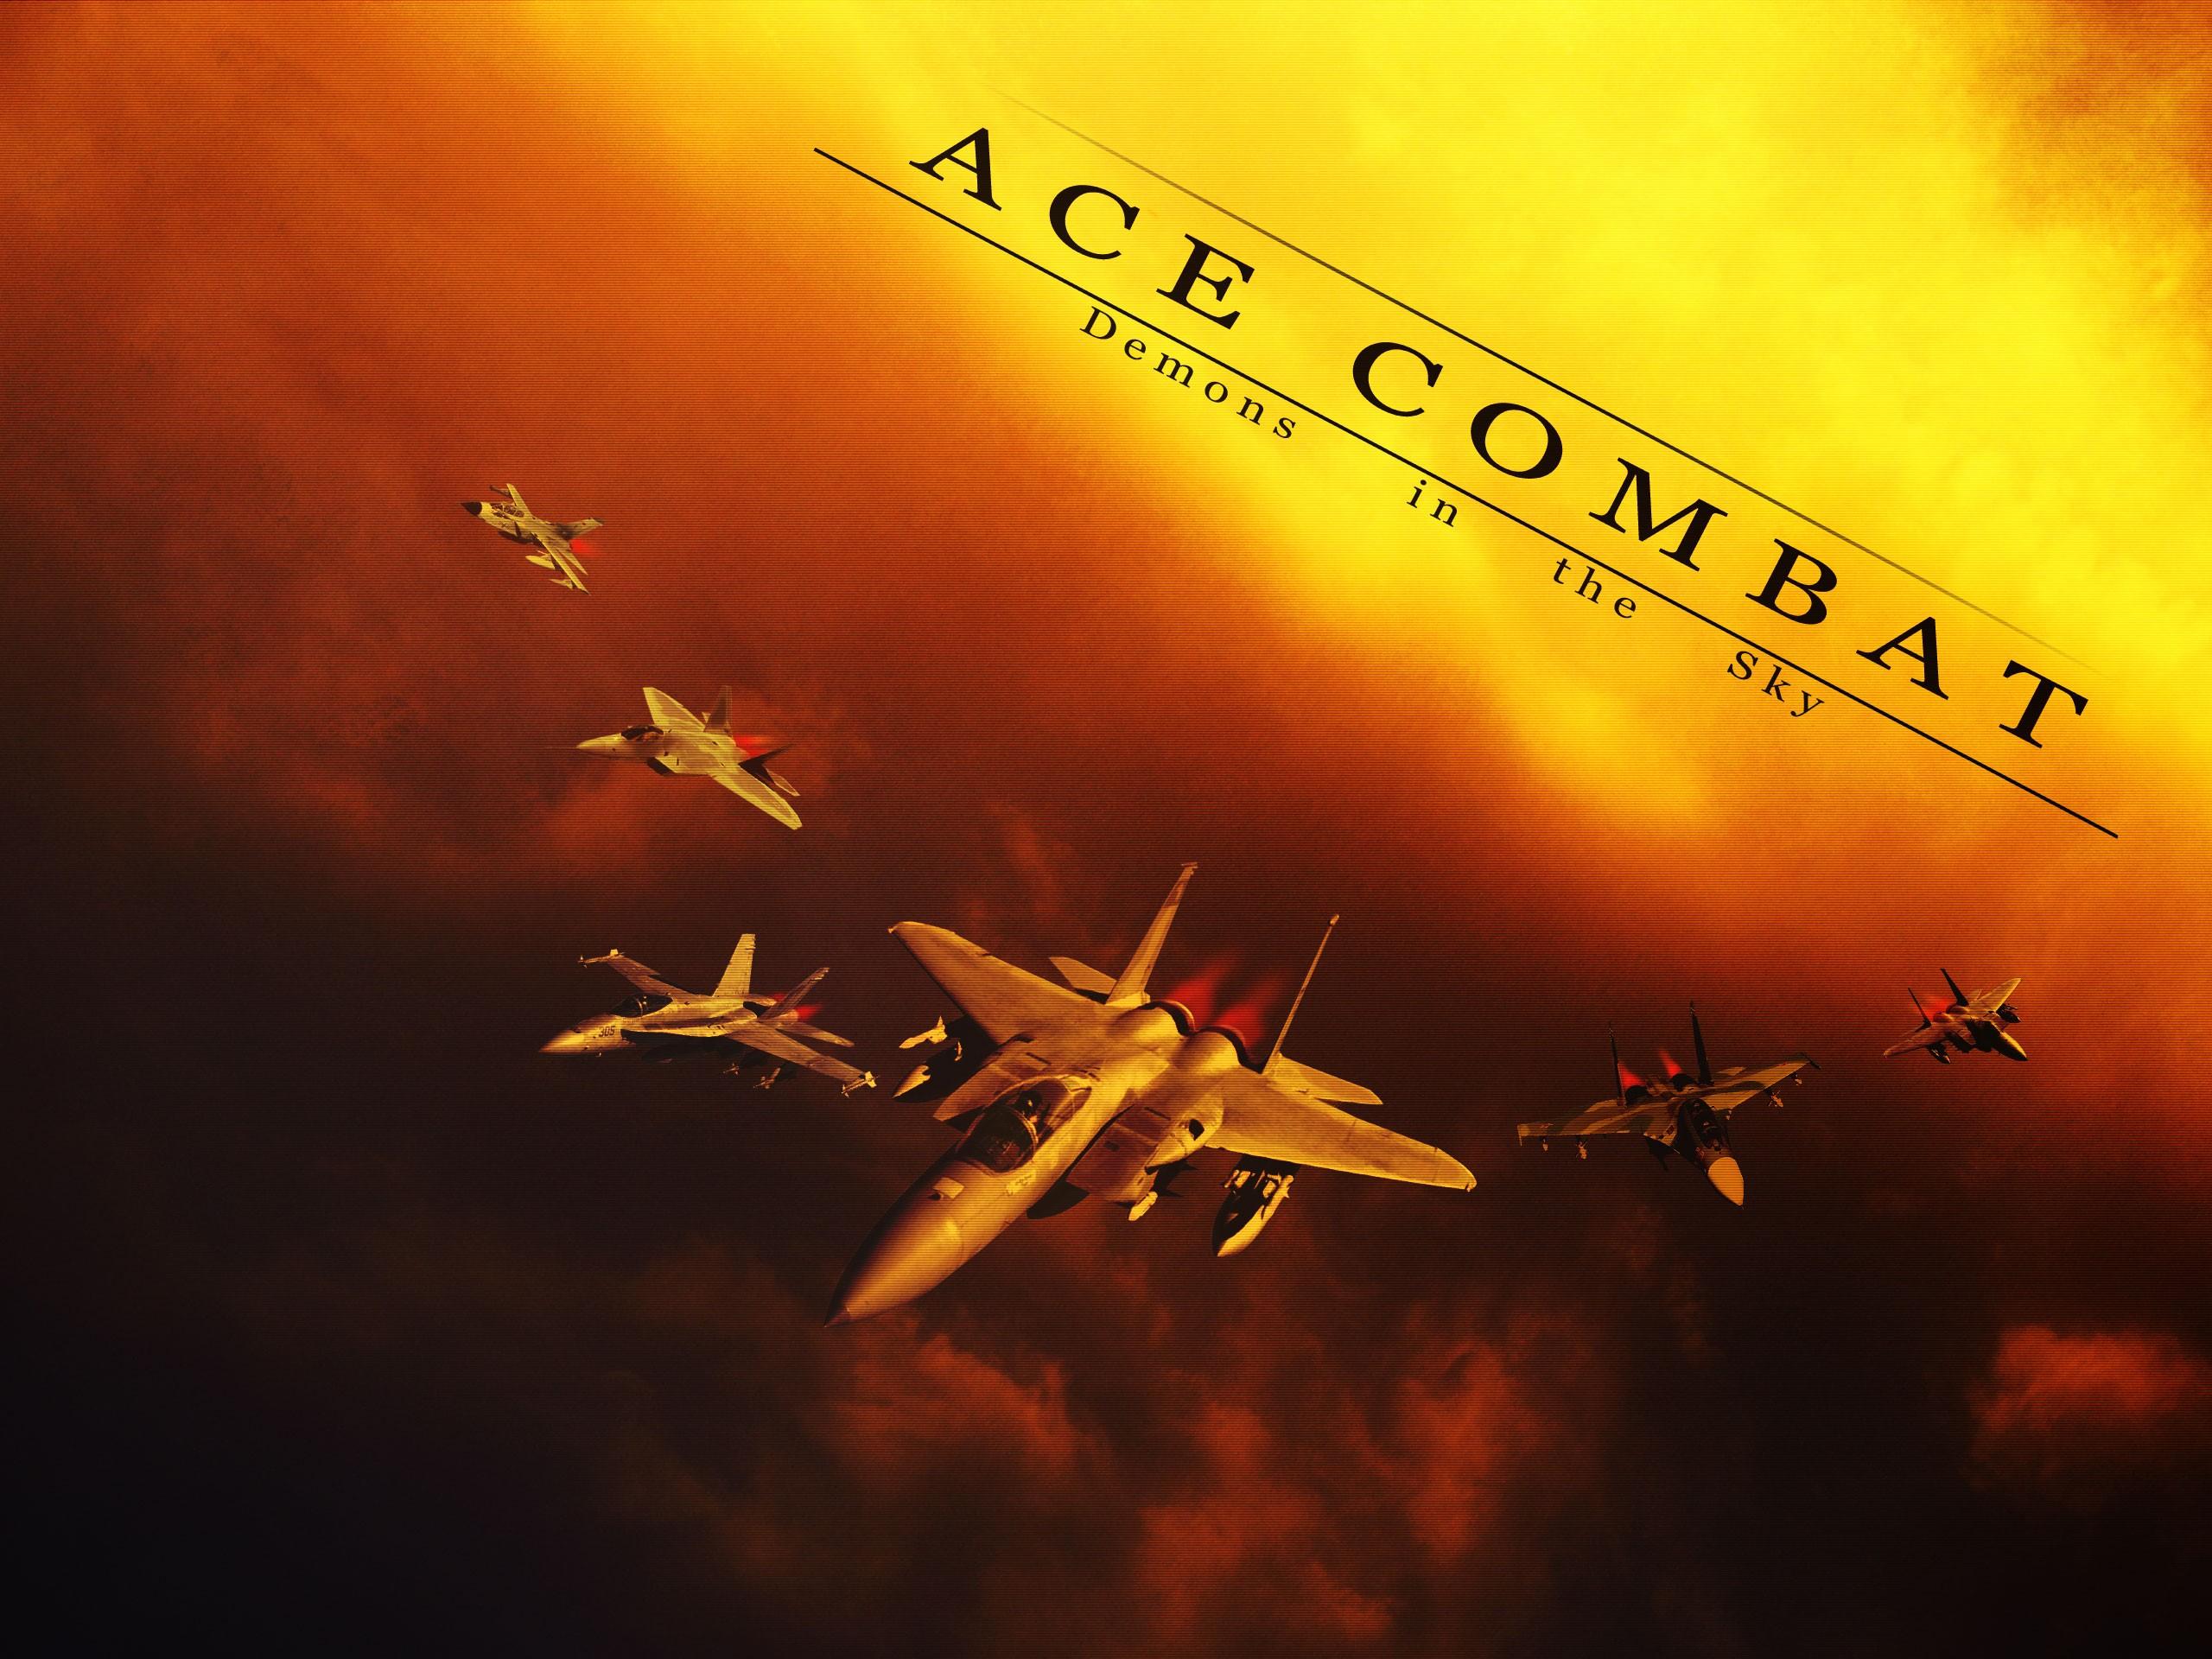 Download Ace Combat Wallpaper 2560x1920 Wallpoper 393882 2560x1920